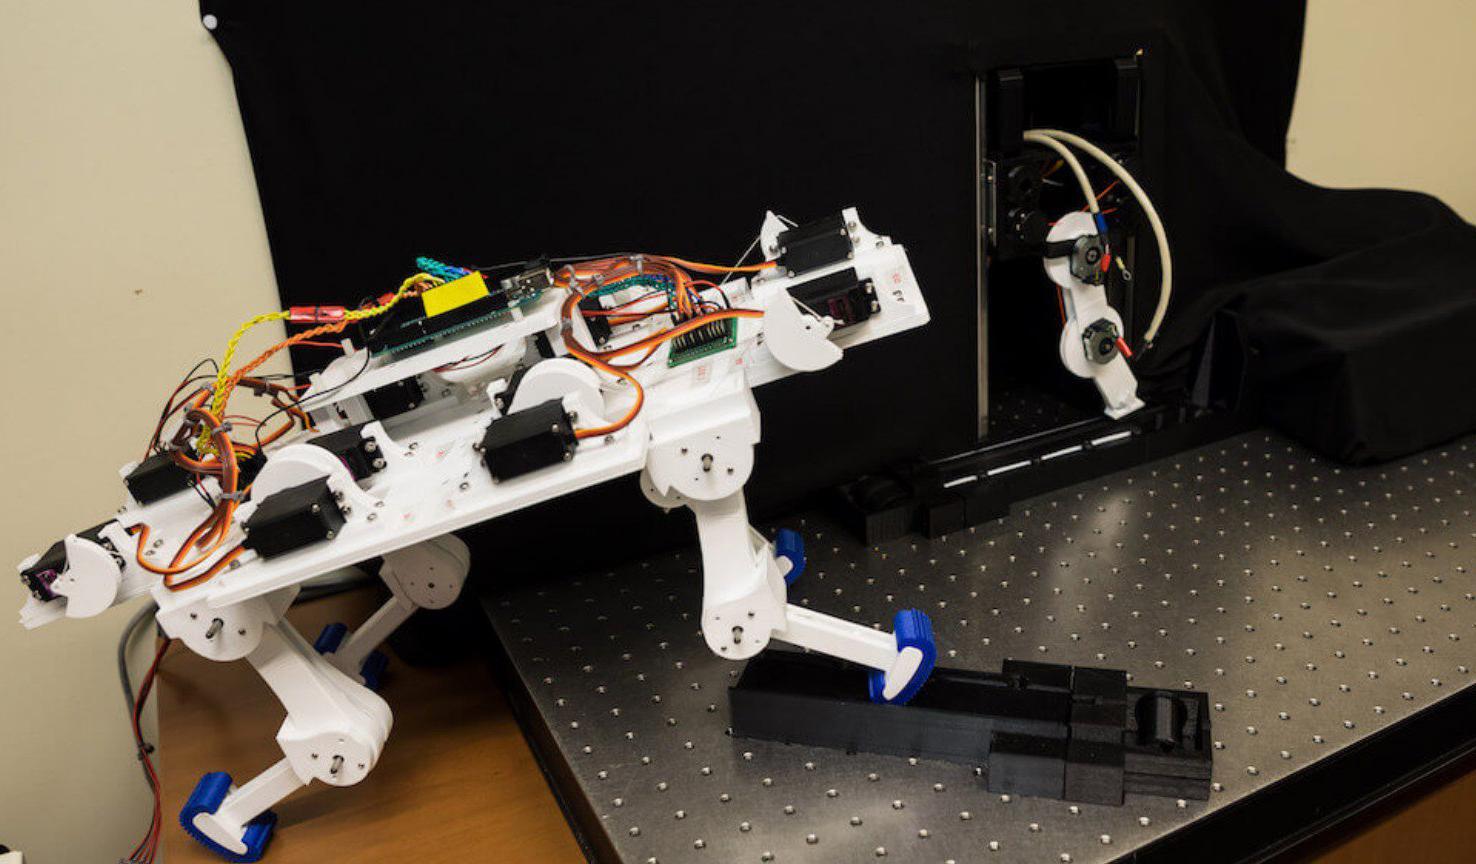 Робот за пять минут научился ходить и выработал уникальную походку